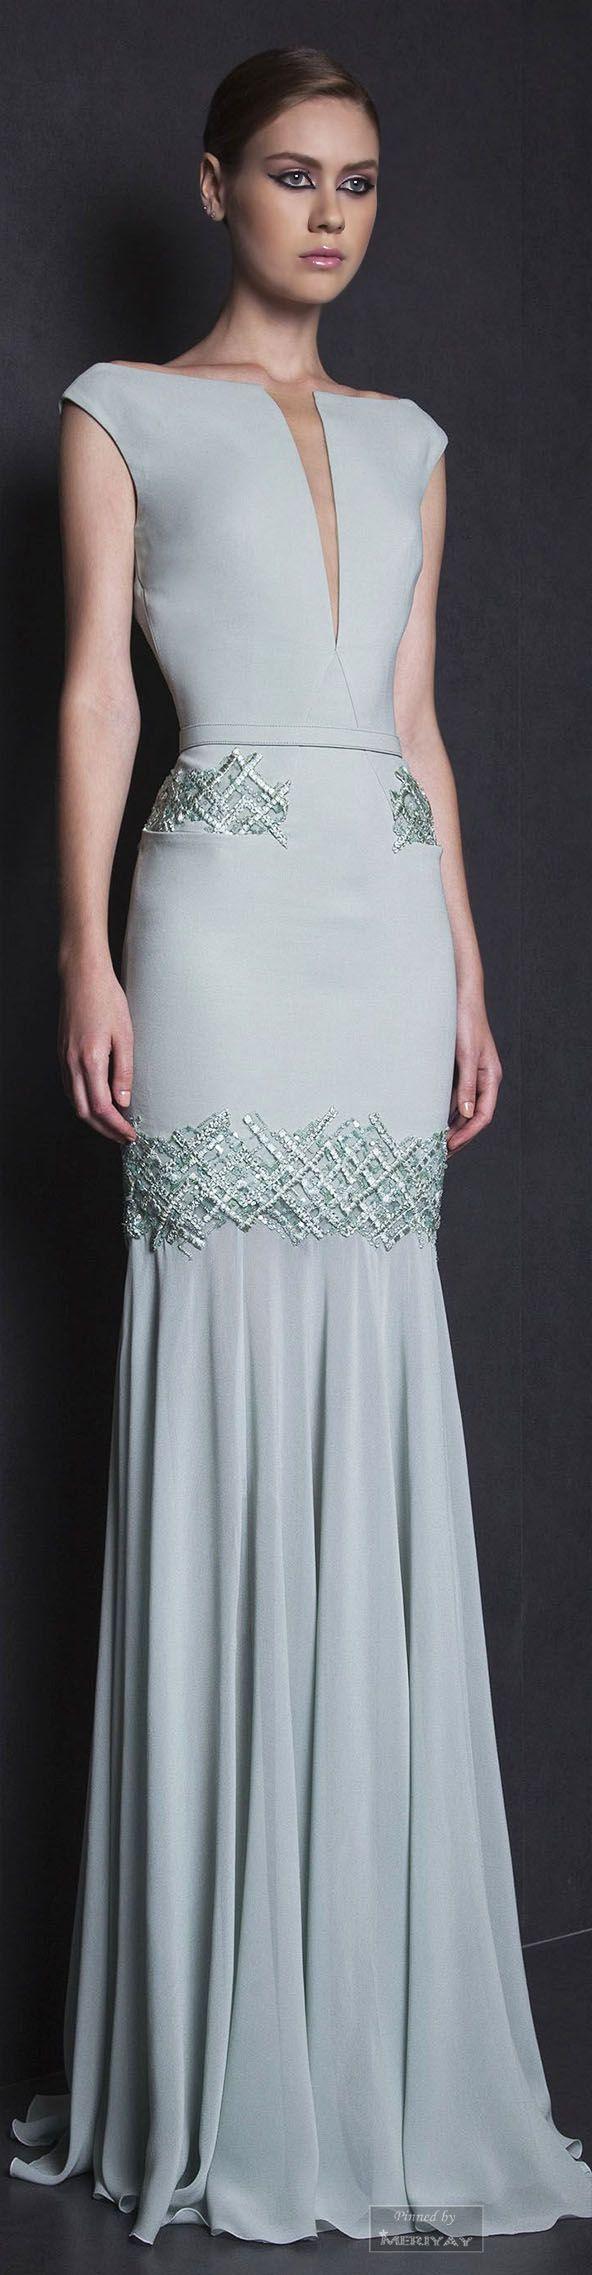 best fashion images on pinterest feminine fashion my style